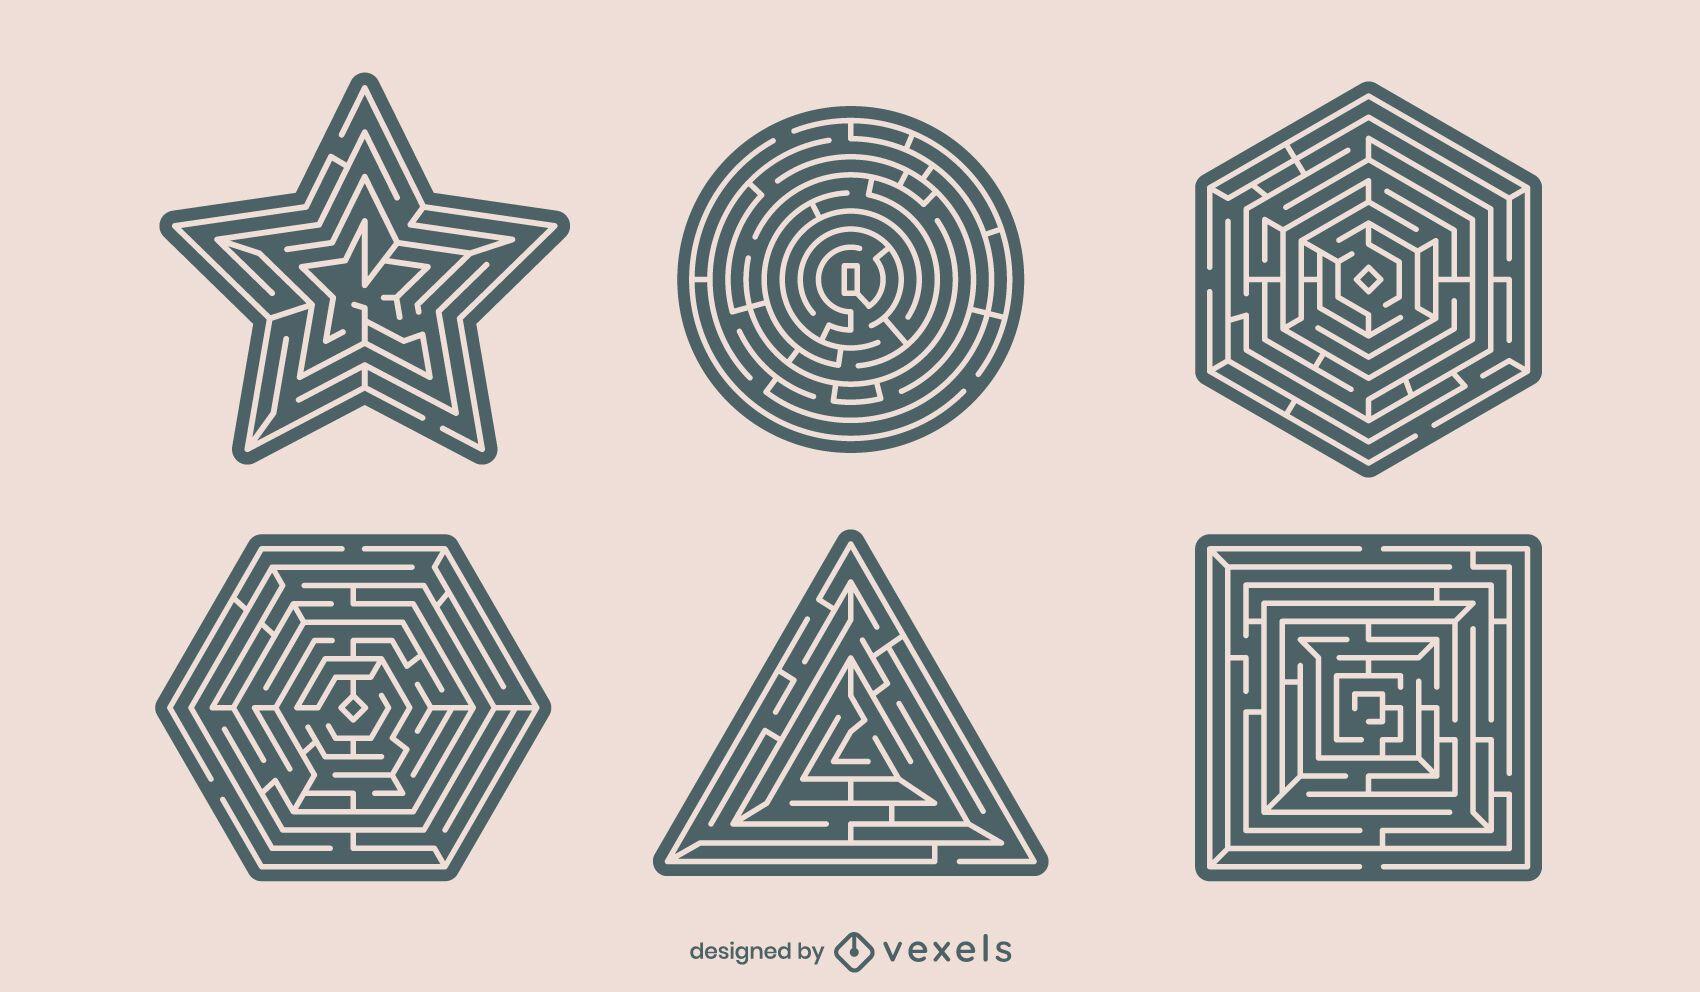 Labyrinth shapes cut-out set